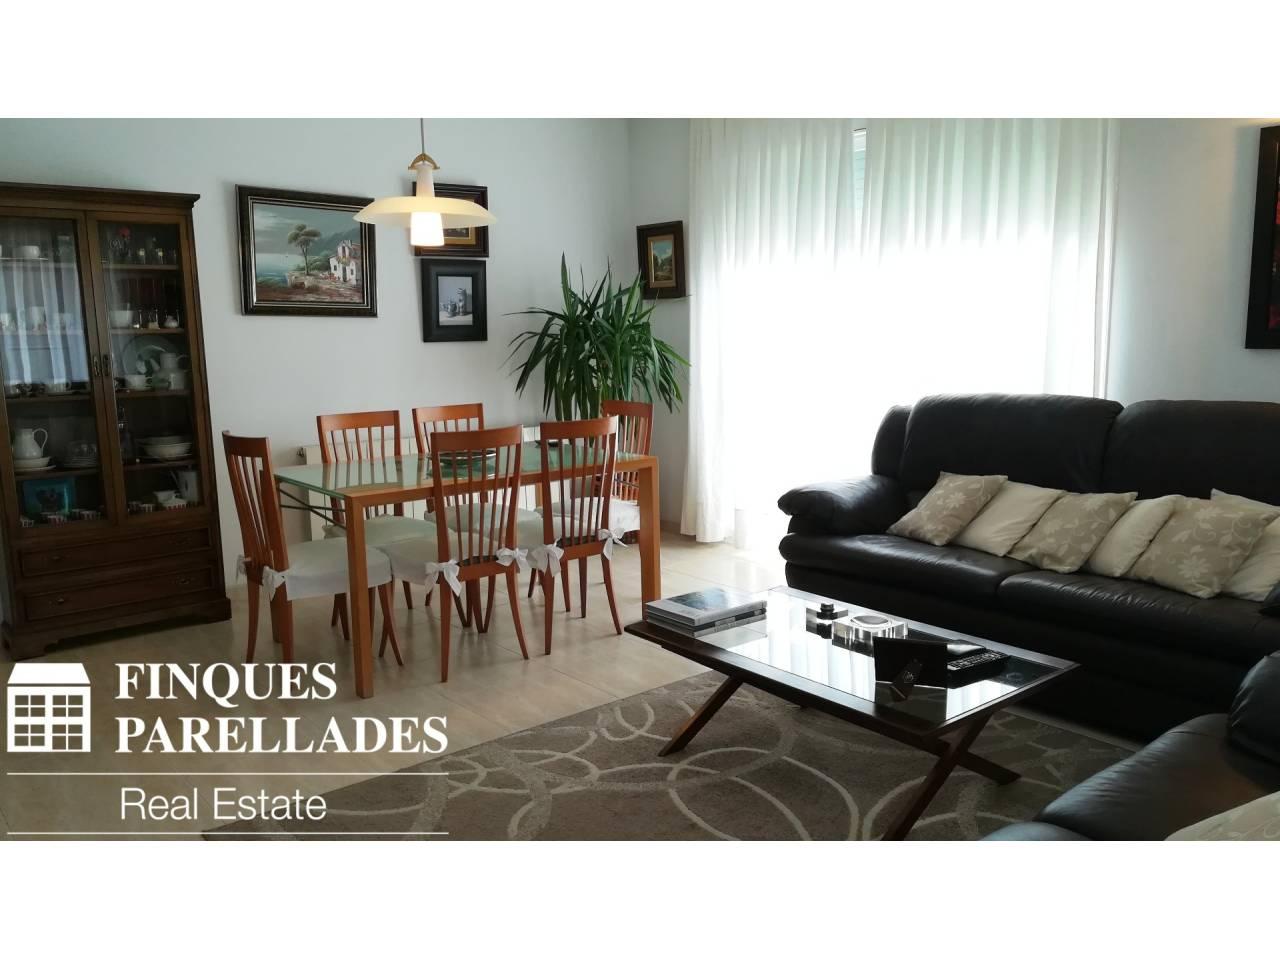 Spacieux et bel appartement avec pk et zone commune dans la région de Molins.